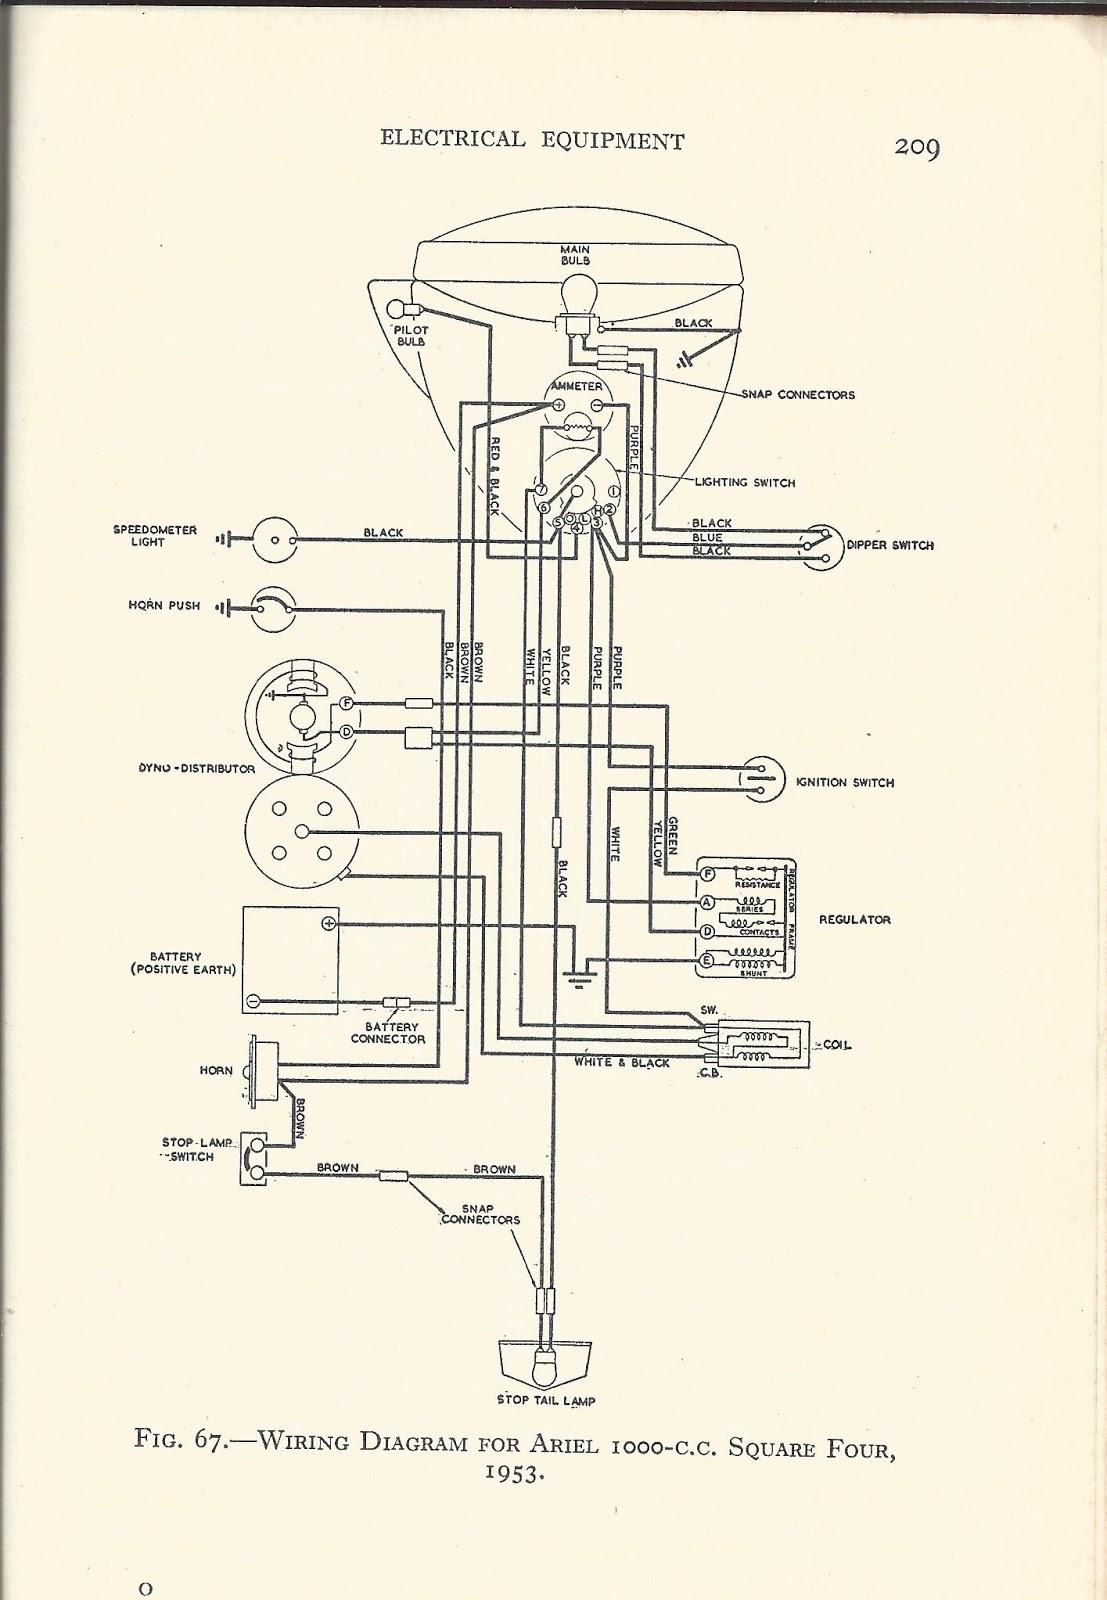 1953 wiring diagram [ 1107 x 1600 Pixel ]